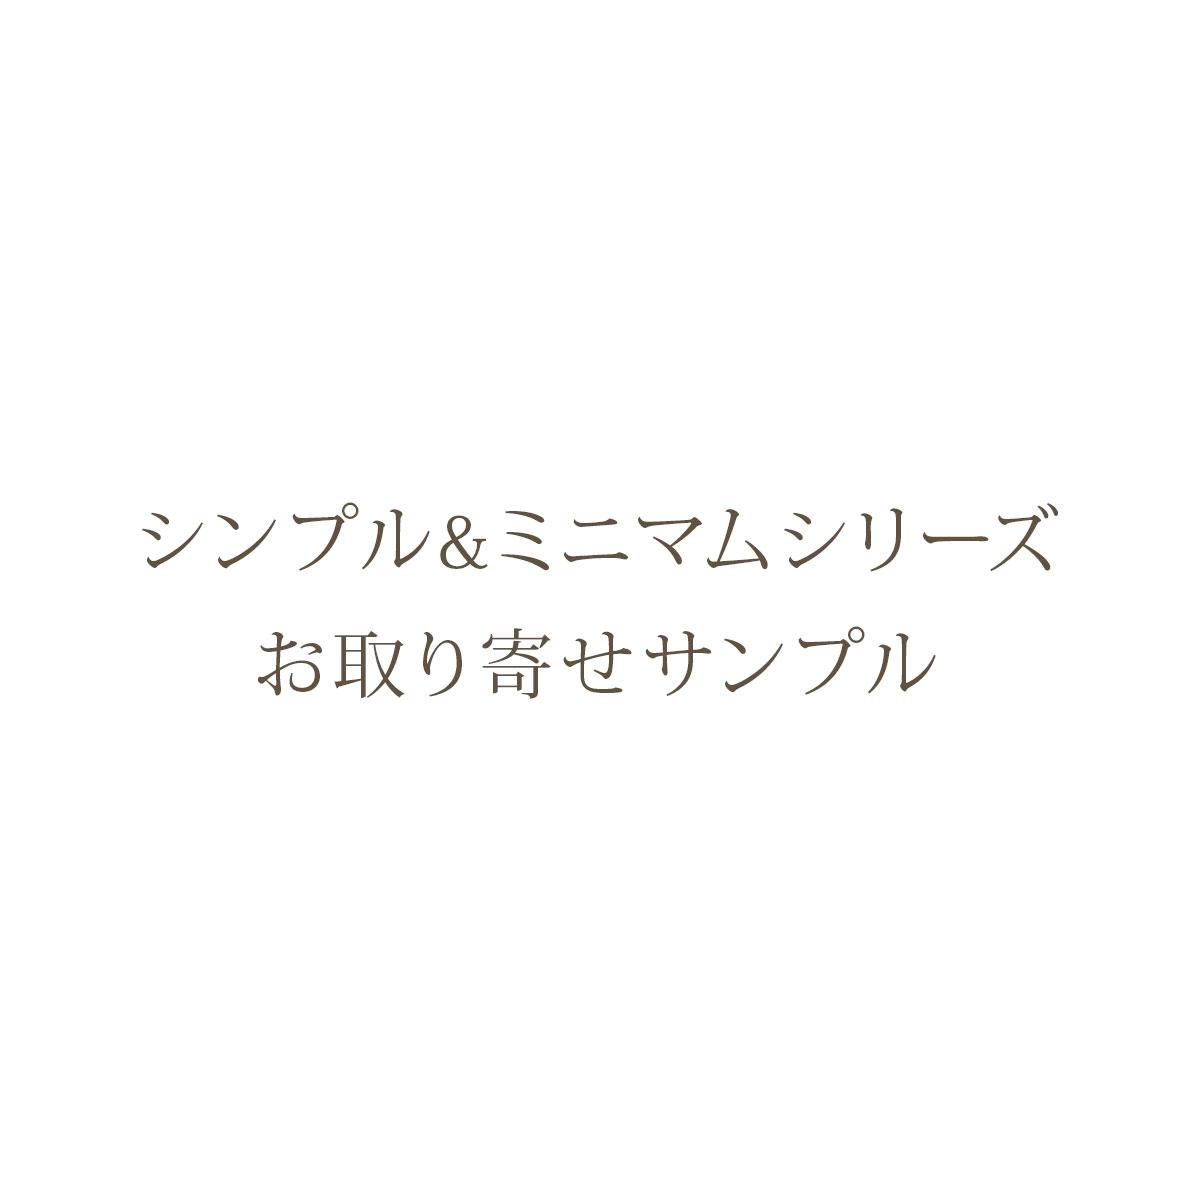 DELLA WAYのシンプル 信用 格安 ミニマムシリーズ シンプル 商品サンプル